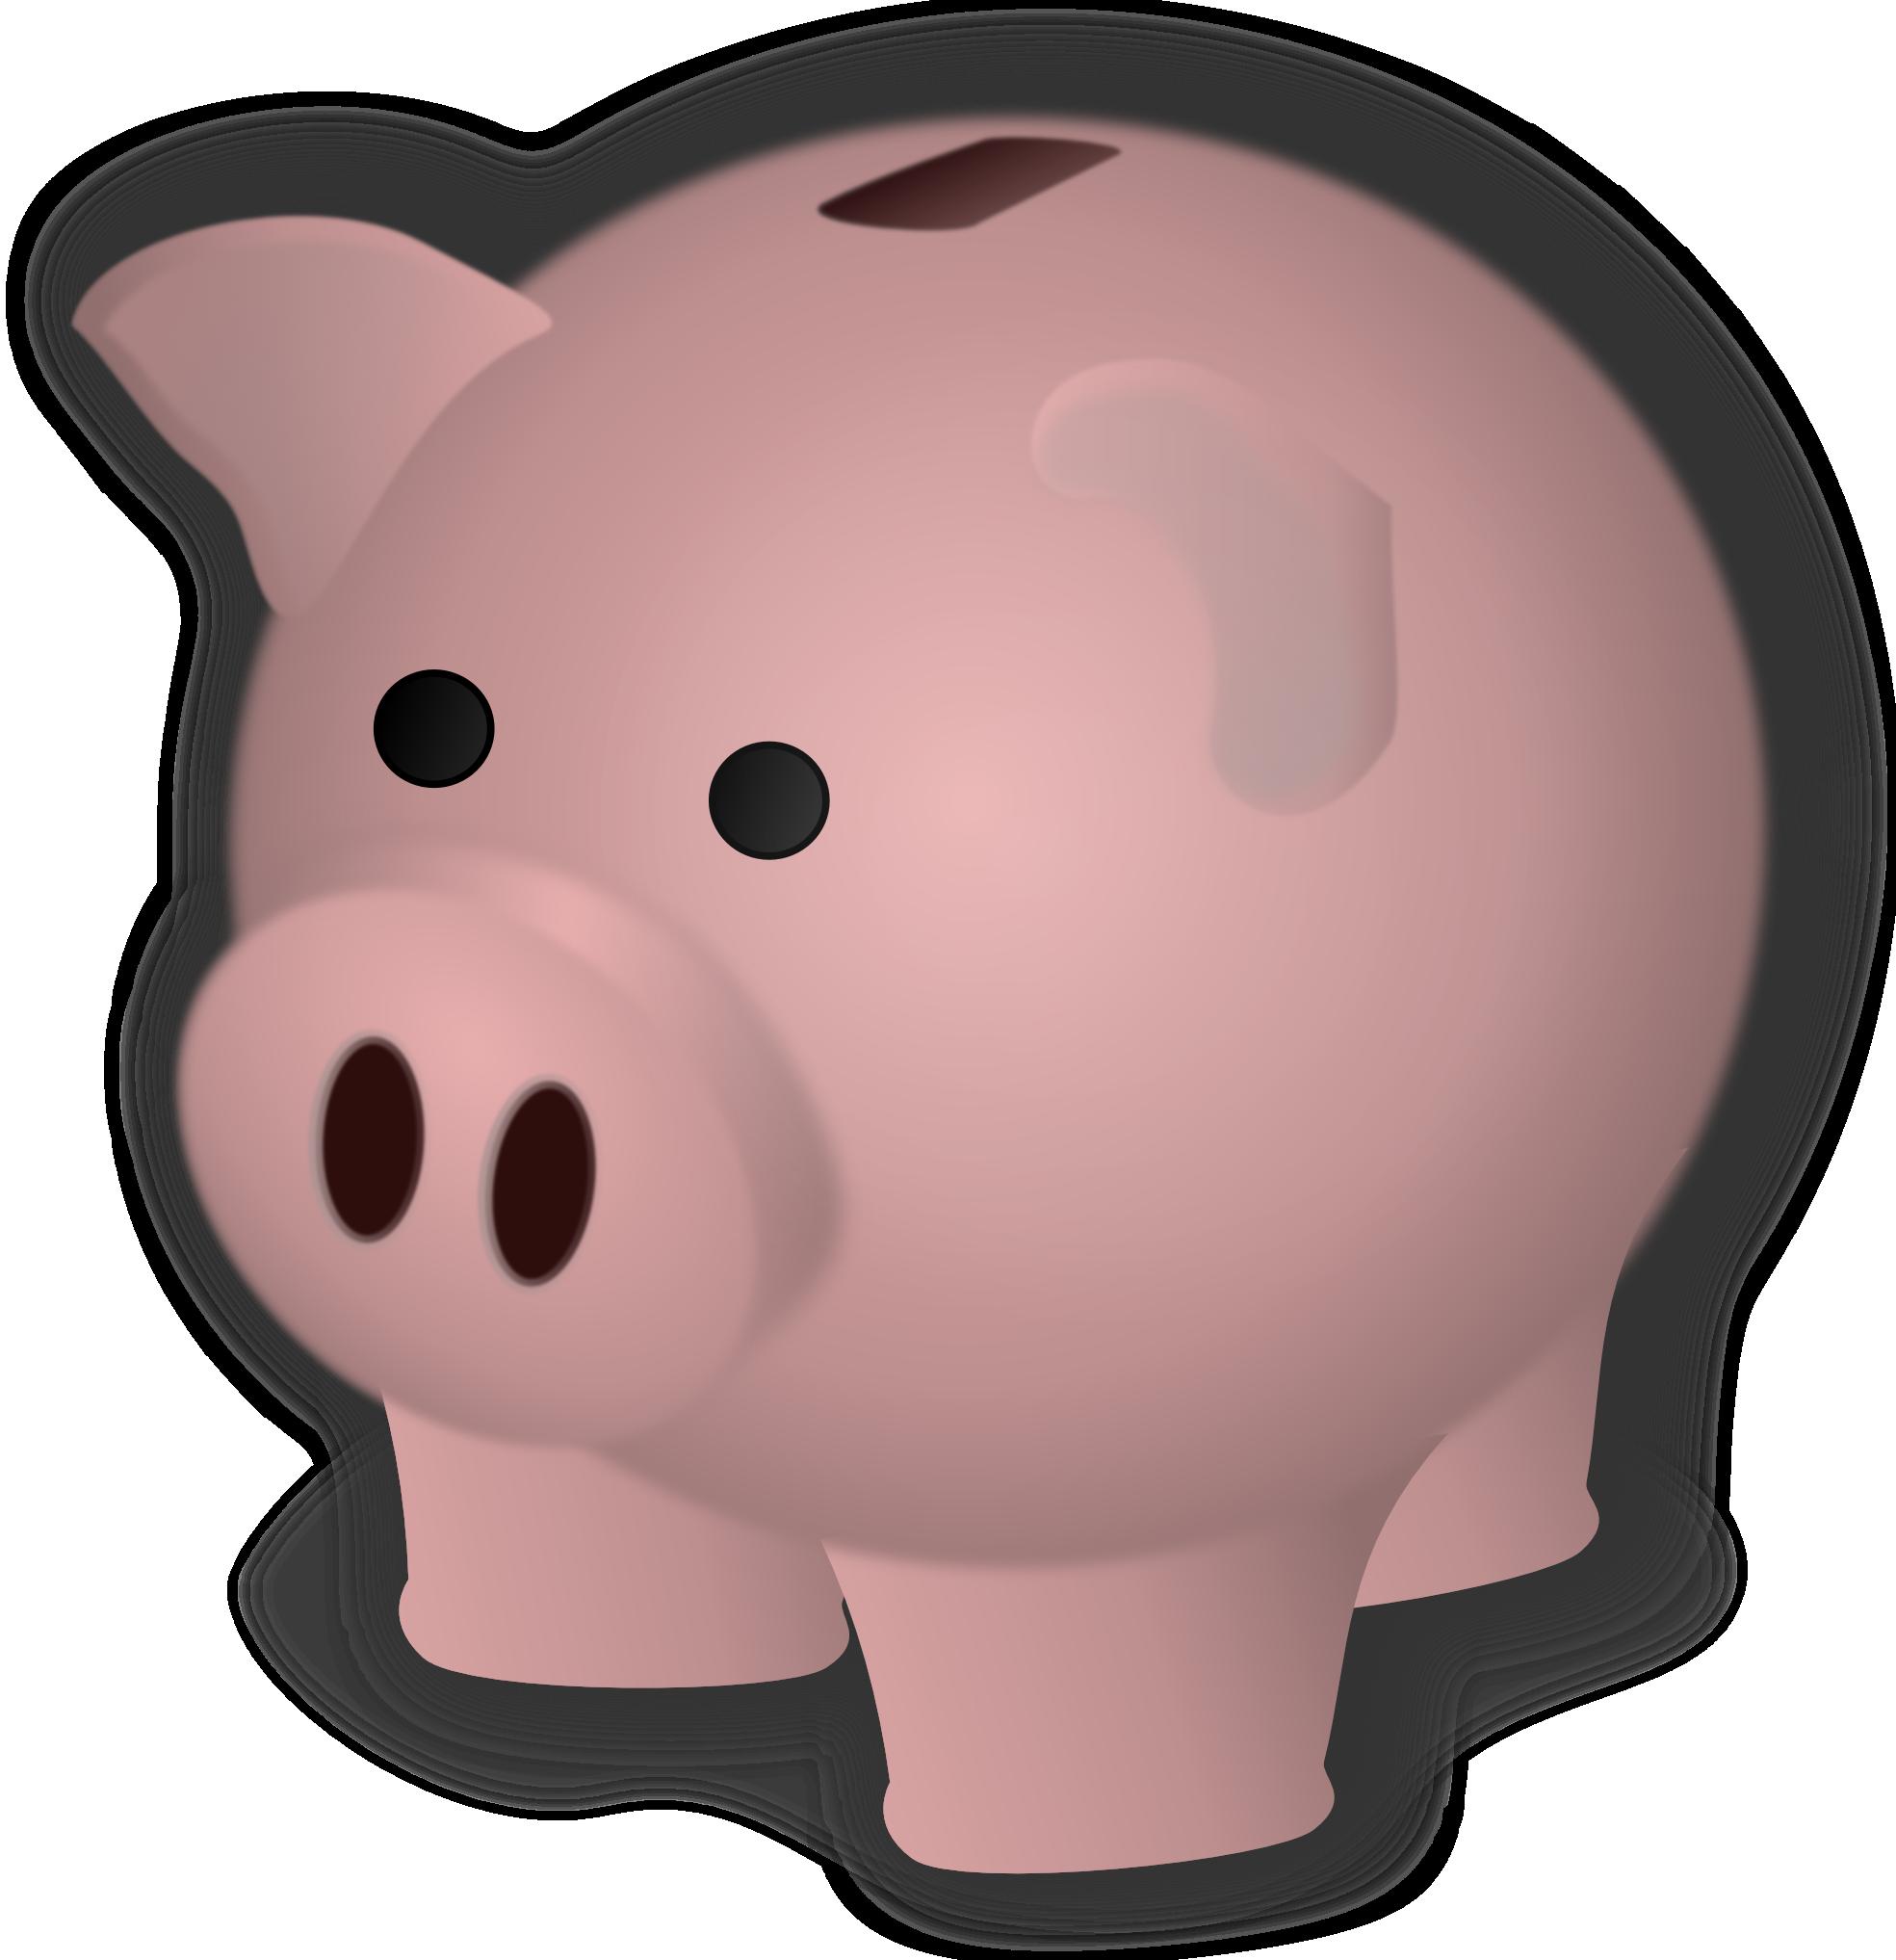 Piggy bank clip art clipart 4